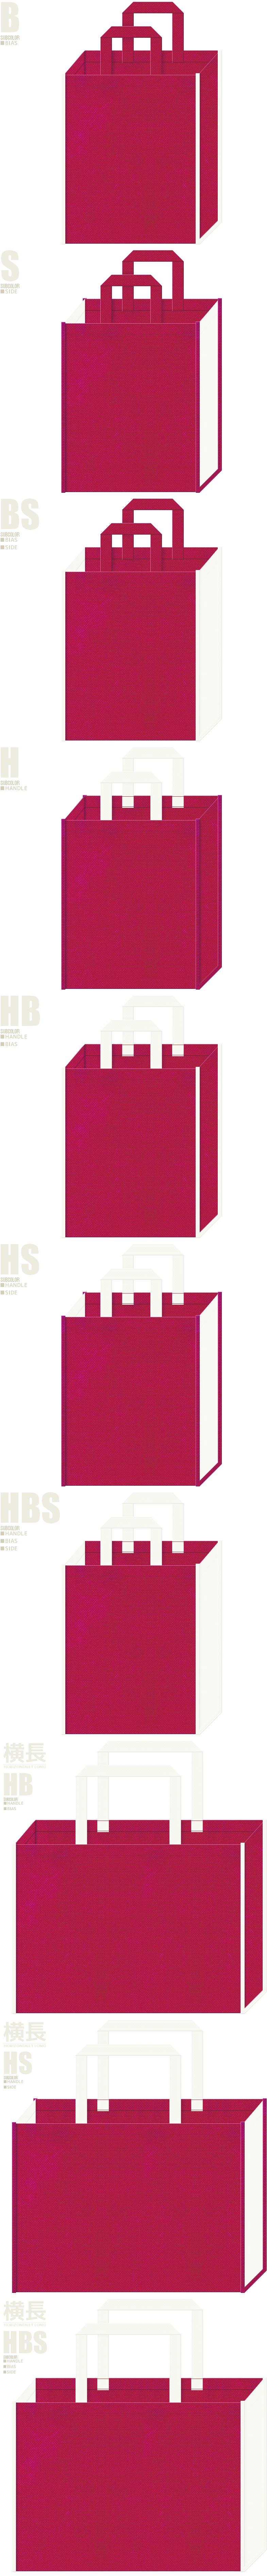 濃いピンク色とオフホワイト色、7パターンの不織布トートバッグ配色デザイン例。結婚式打ち合わせ資料・婚礼アルバム用のバッグにお奨めです。